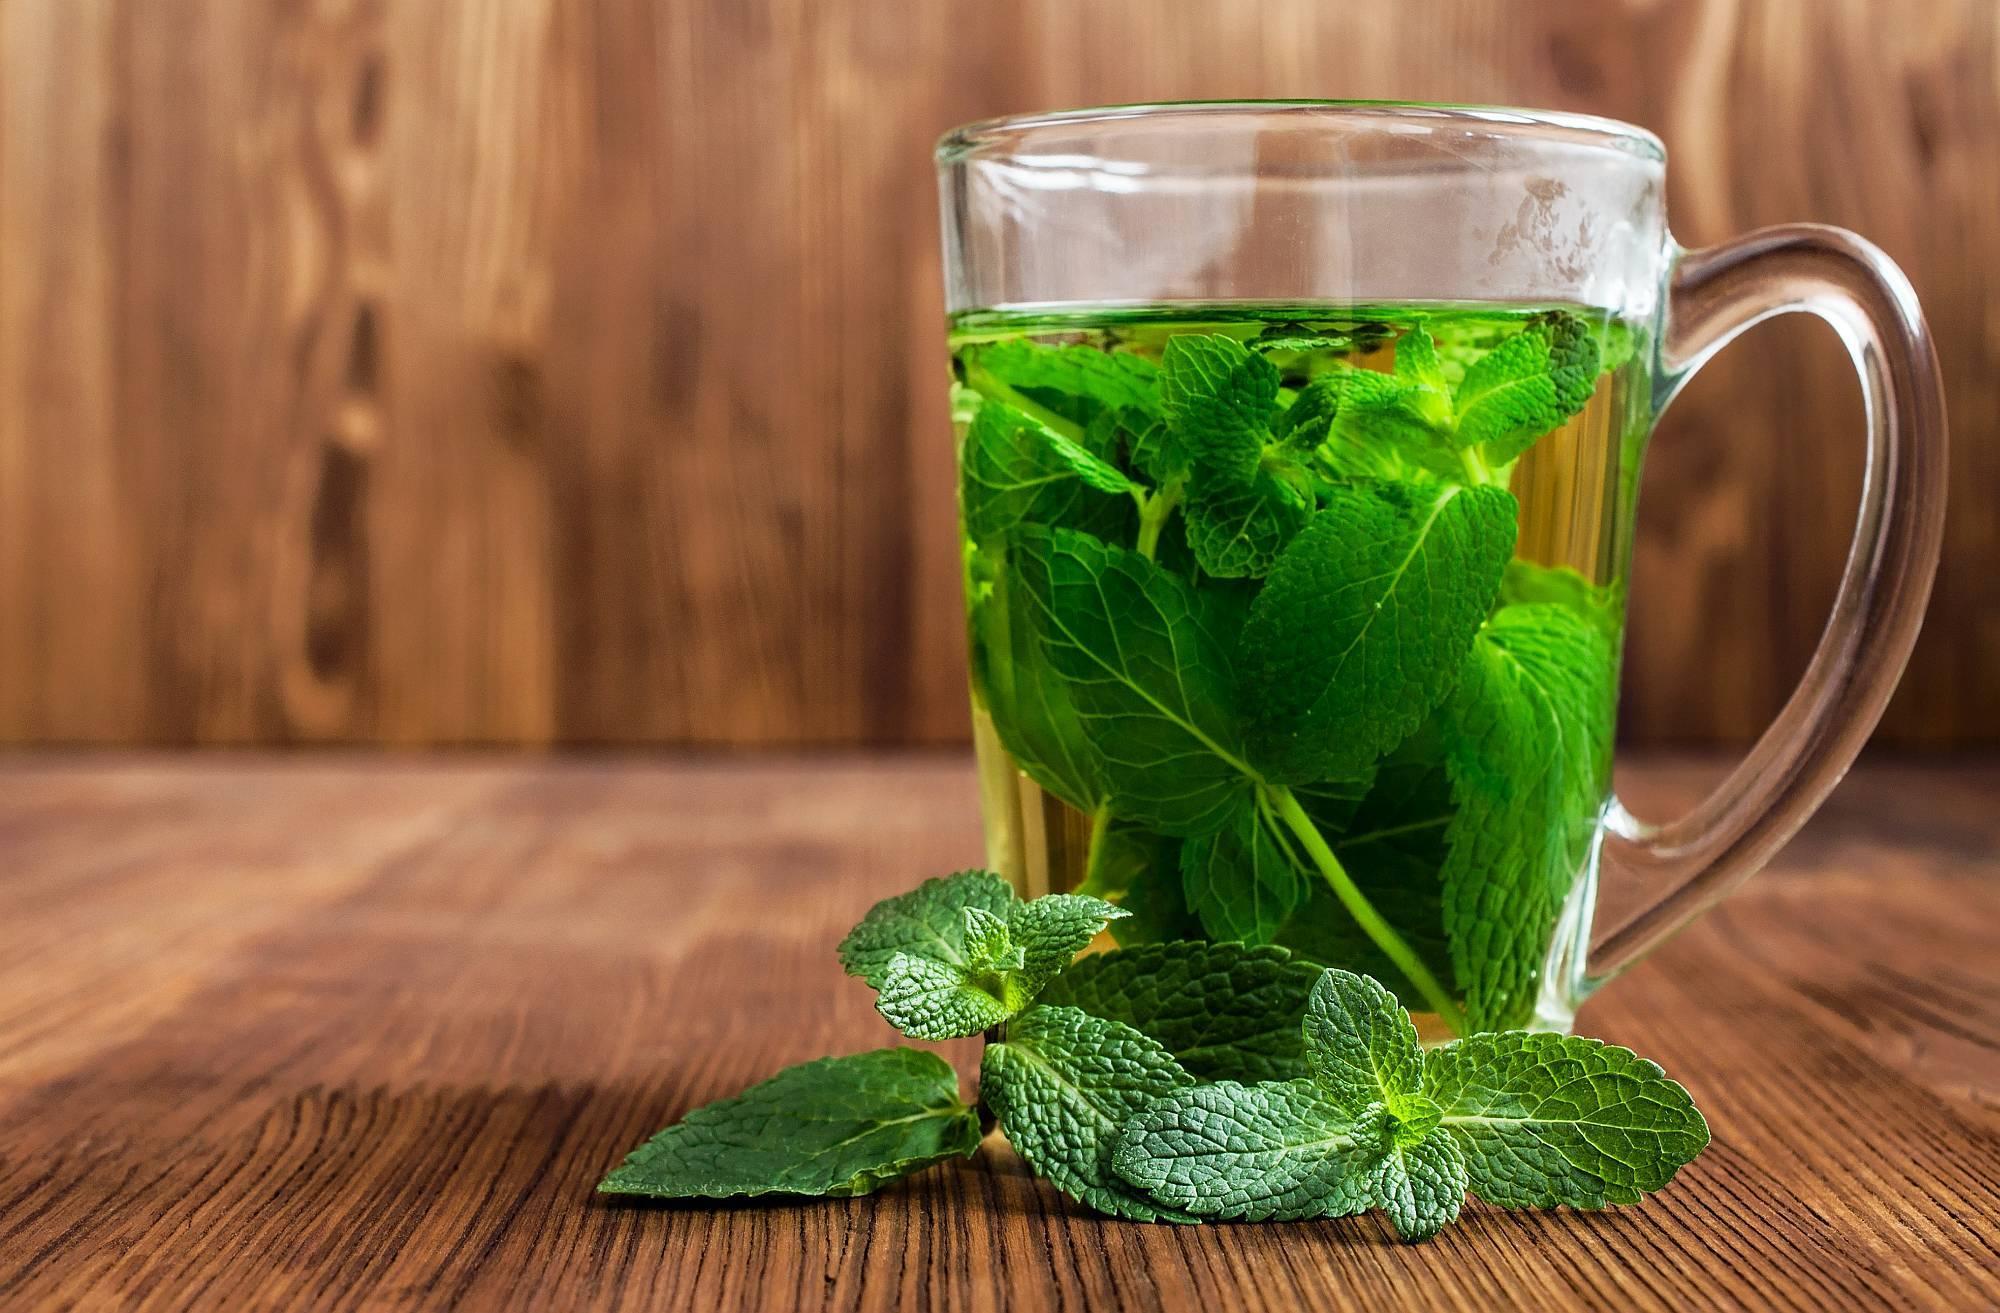 Чай с мятой (зеленый, черный, травяной): польза и вред, сбор и заготовка мяты для чая, рецепты